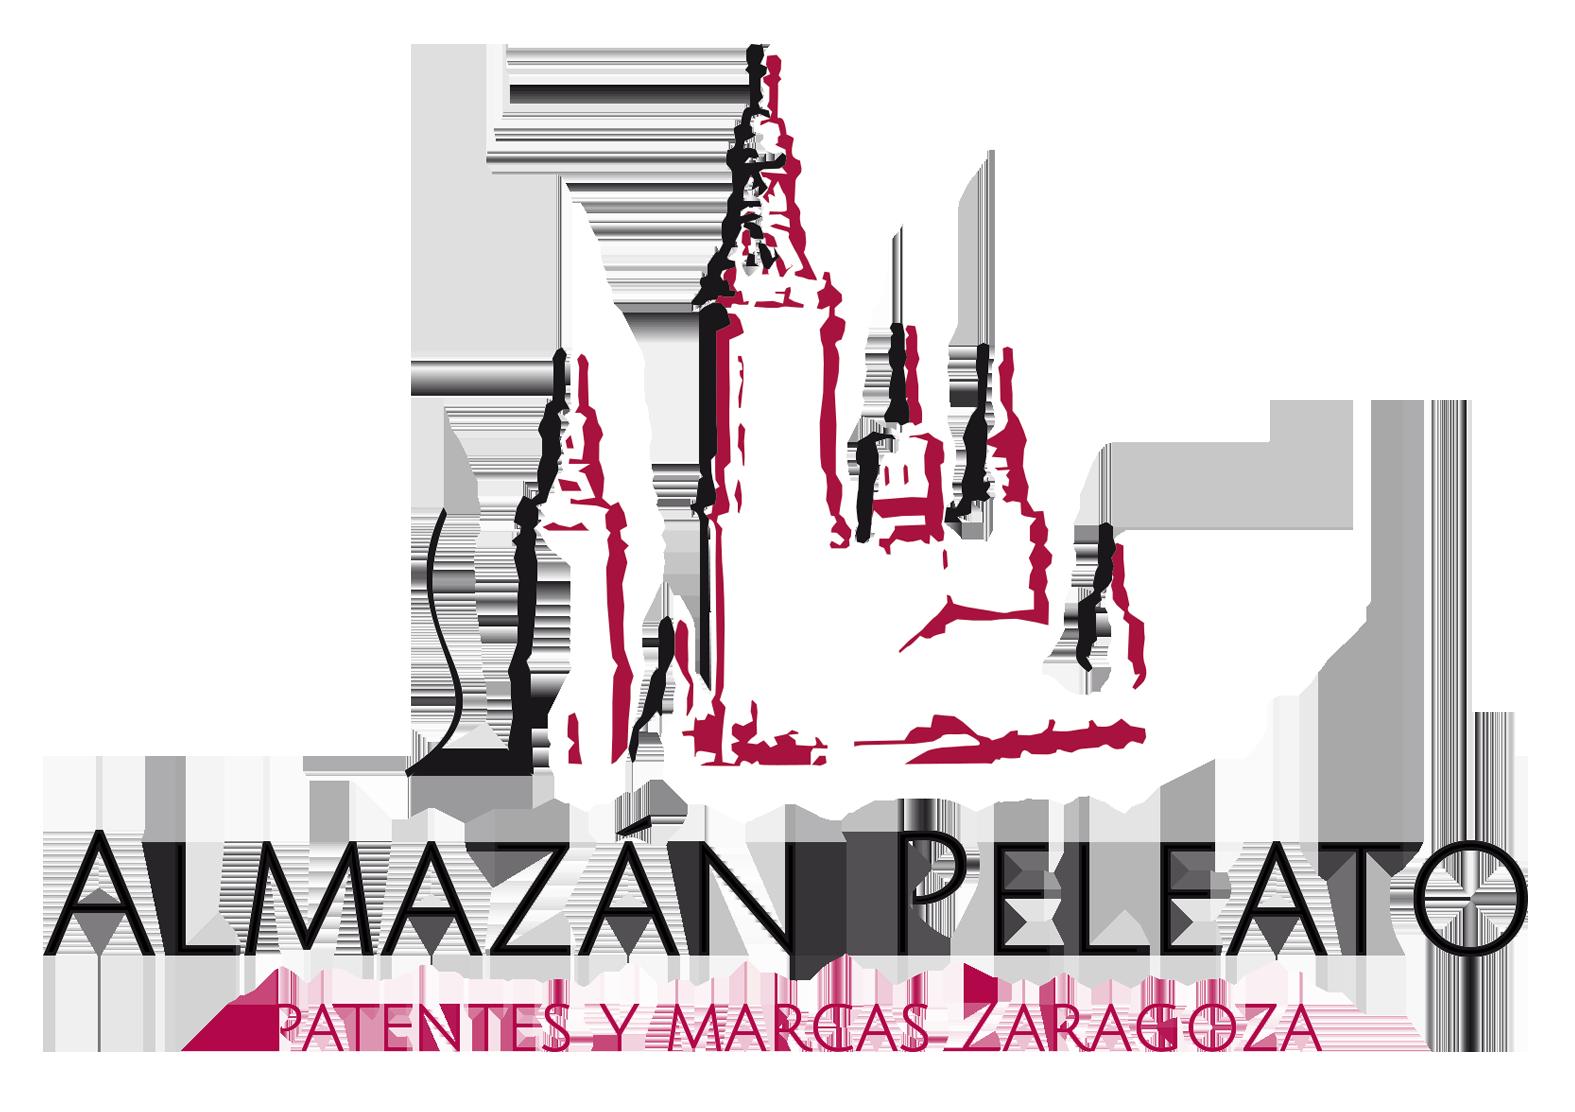 Patentes y Marcas Zaragoza